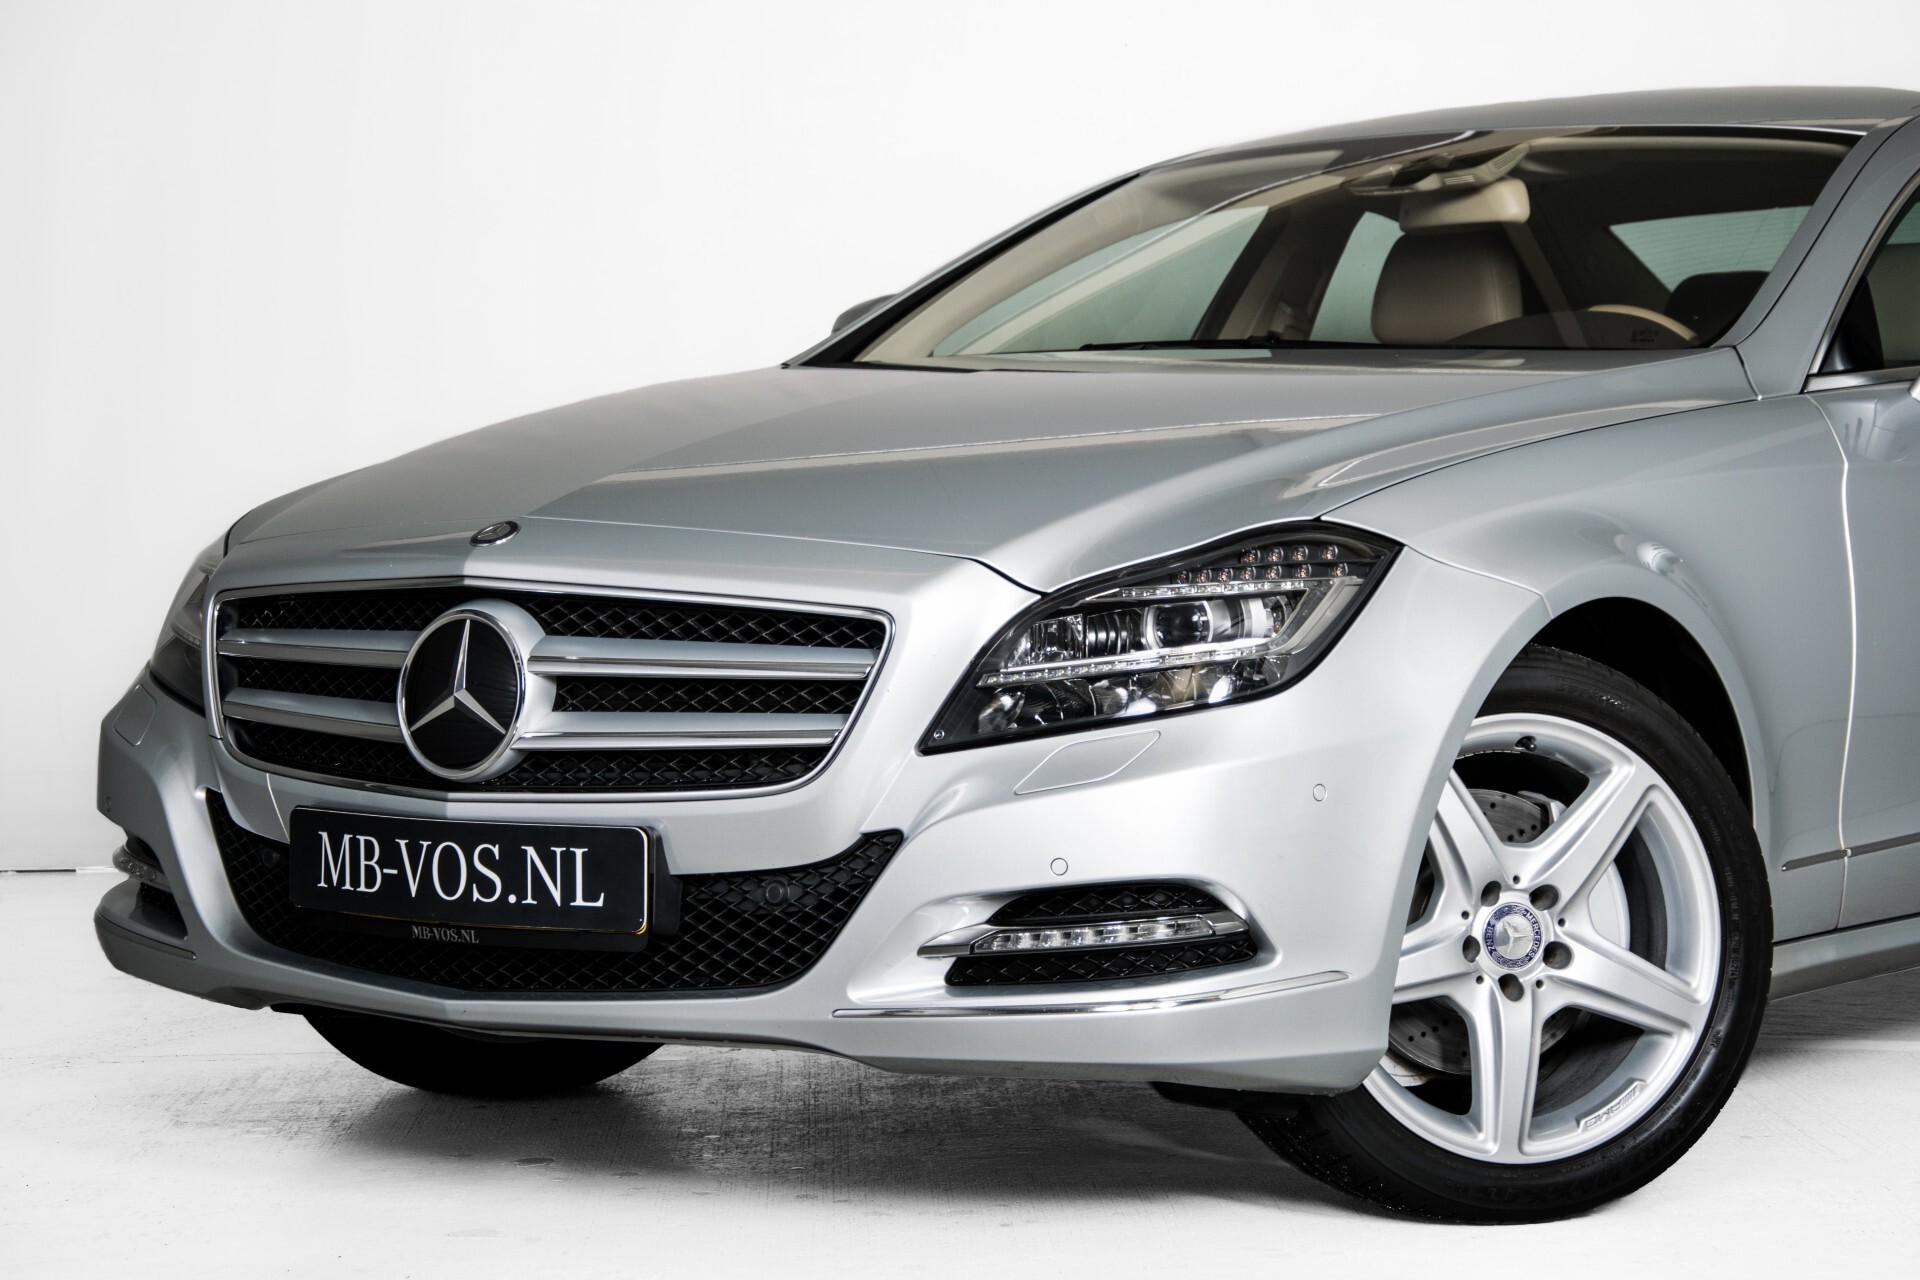 Mercedes-Benz CLS-Klasse 350 Cdi Luchtvering/Distronic/Nachtzicht/AMG/Comand/ILS Aut7 Foto 43